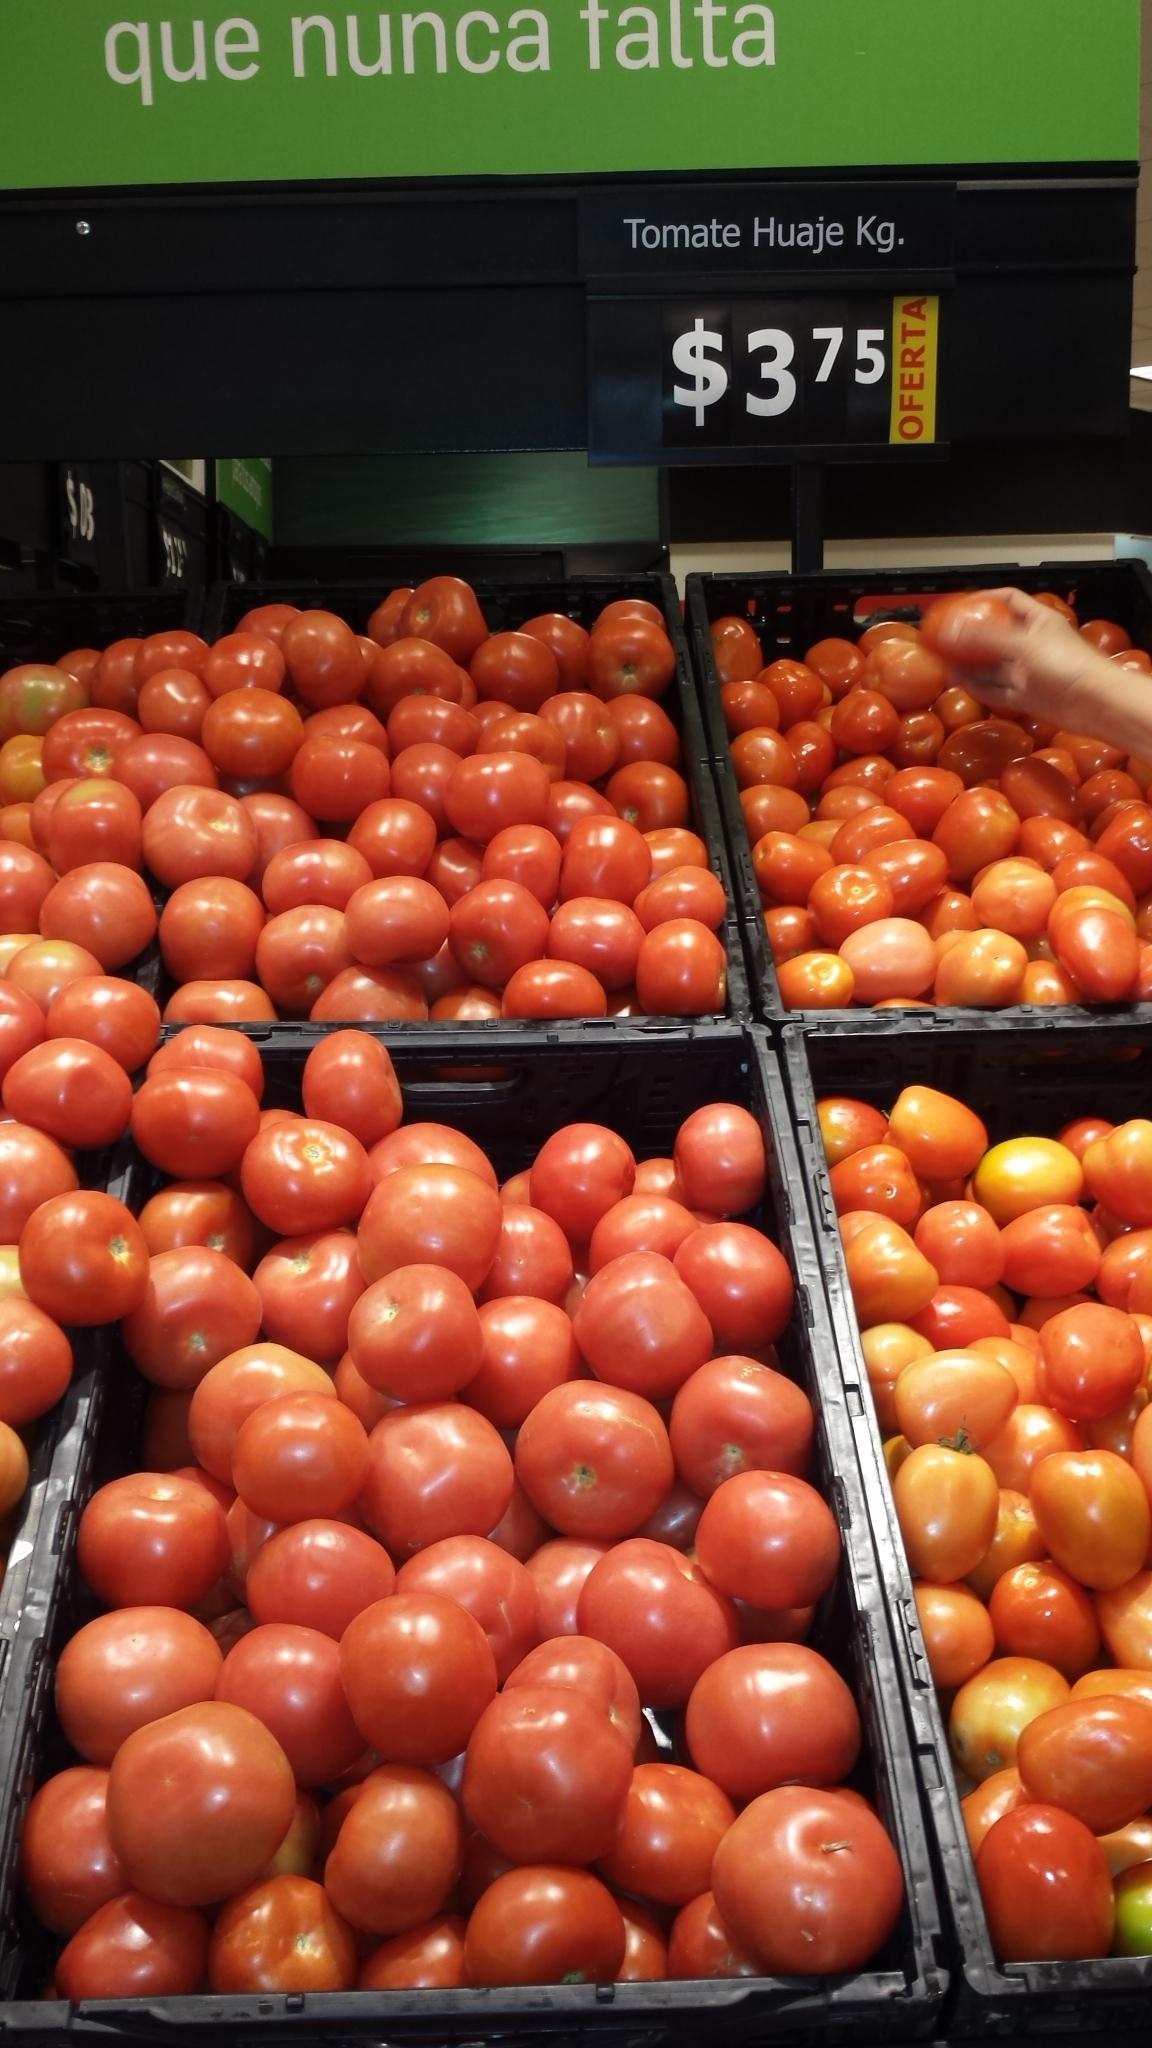 Soriana Híper: tomate a 3.75